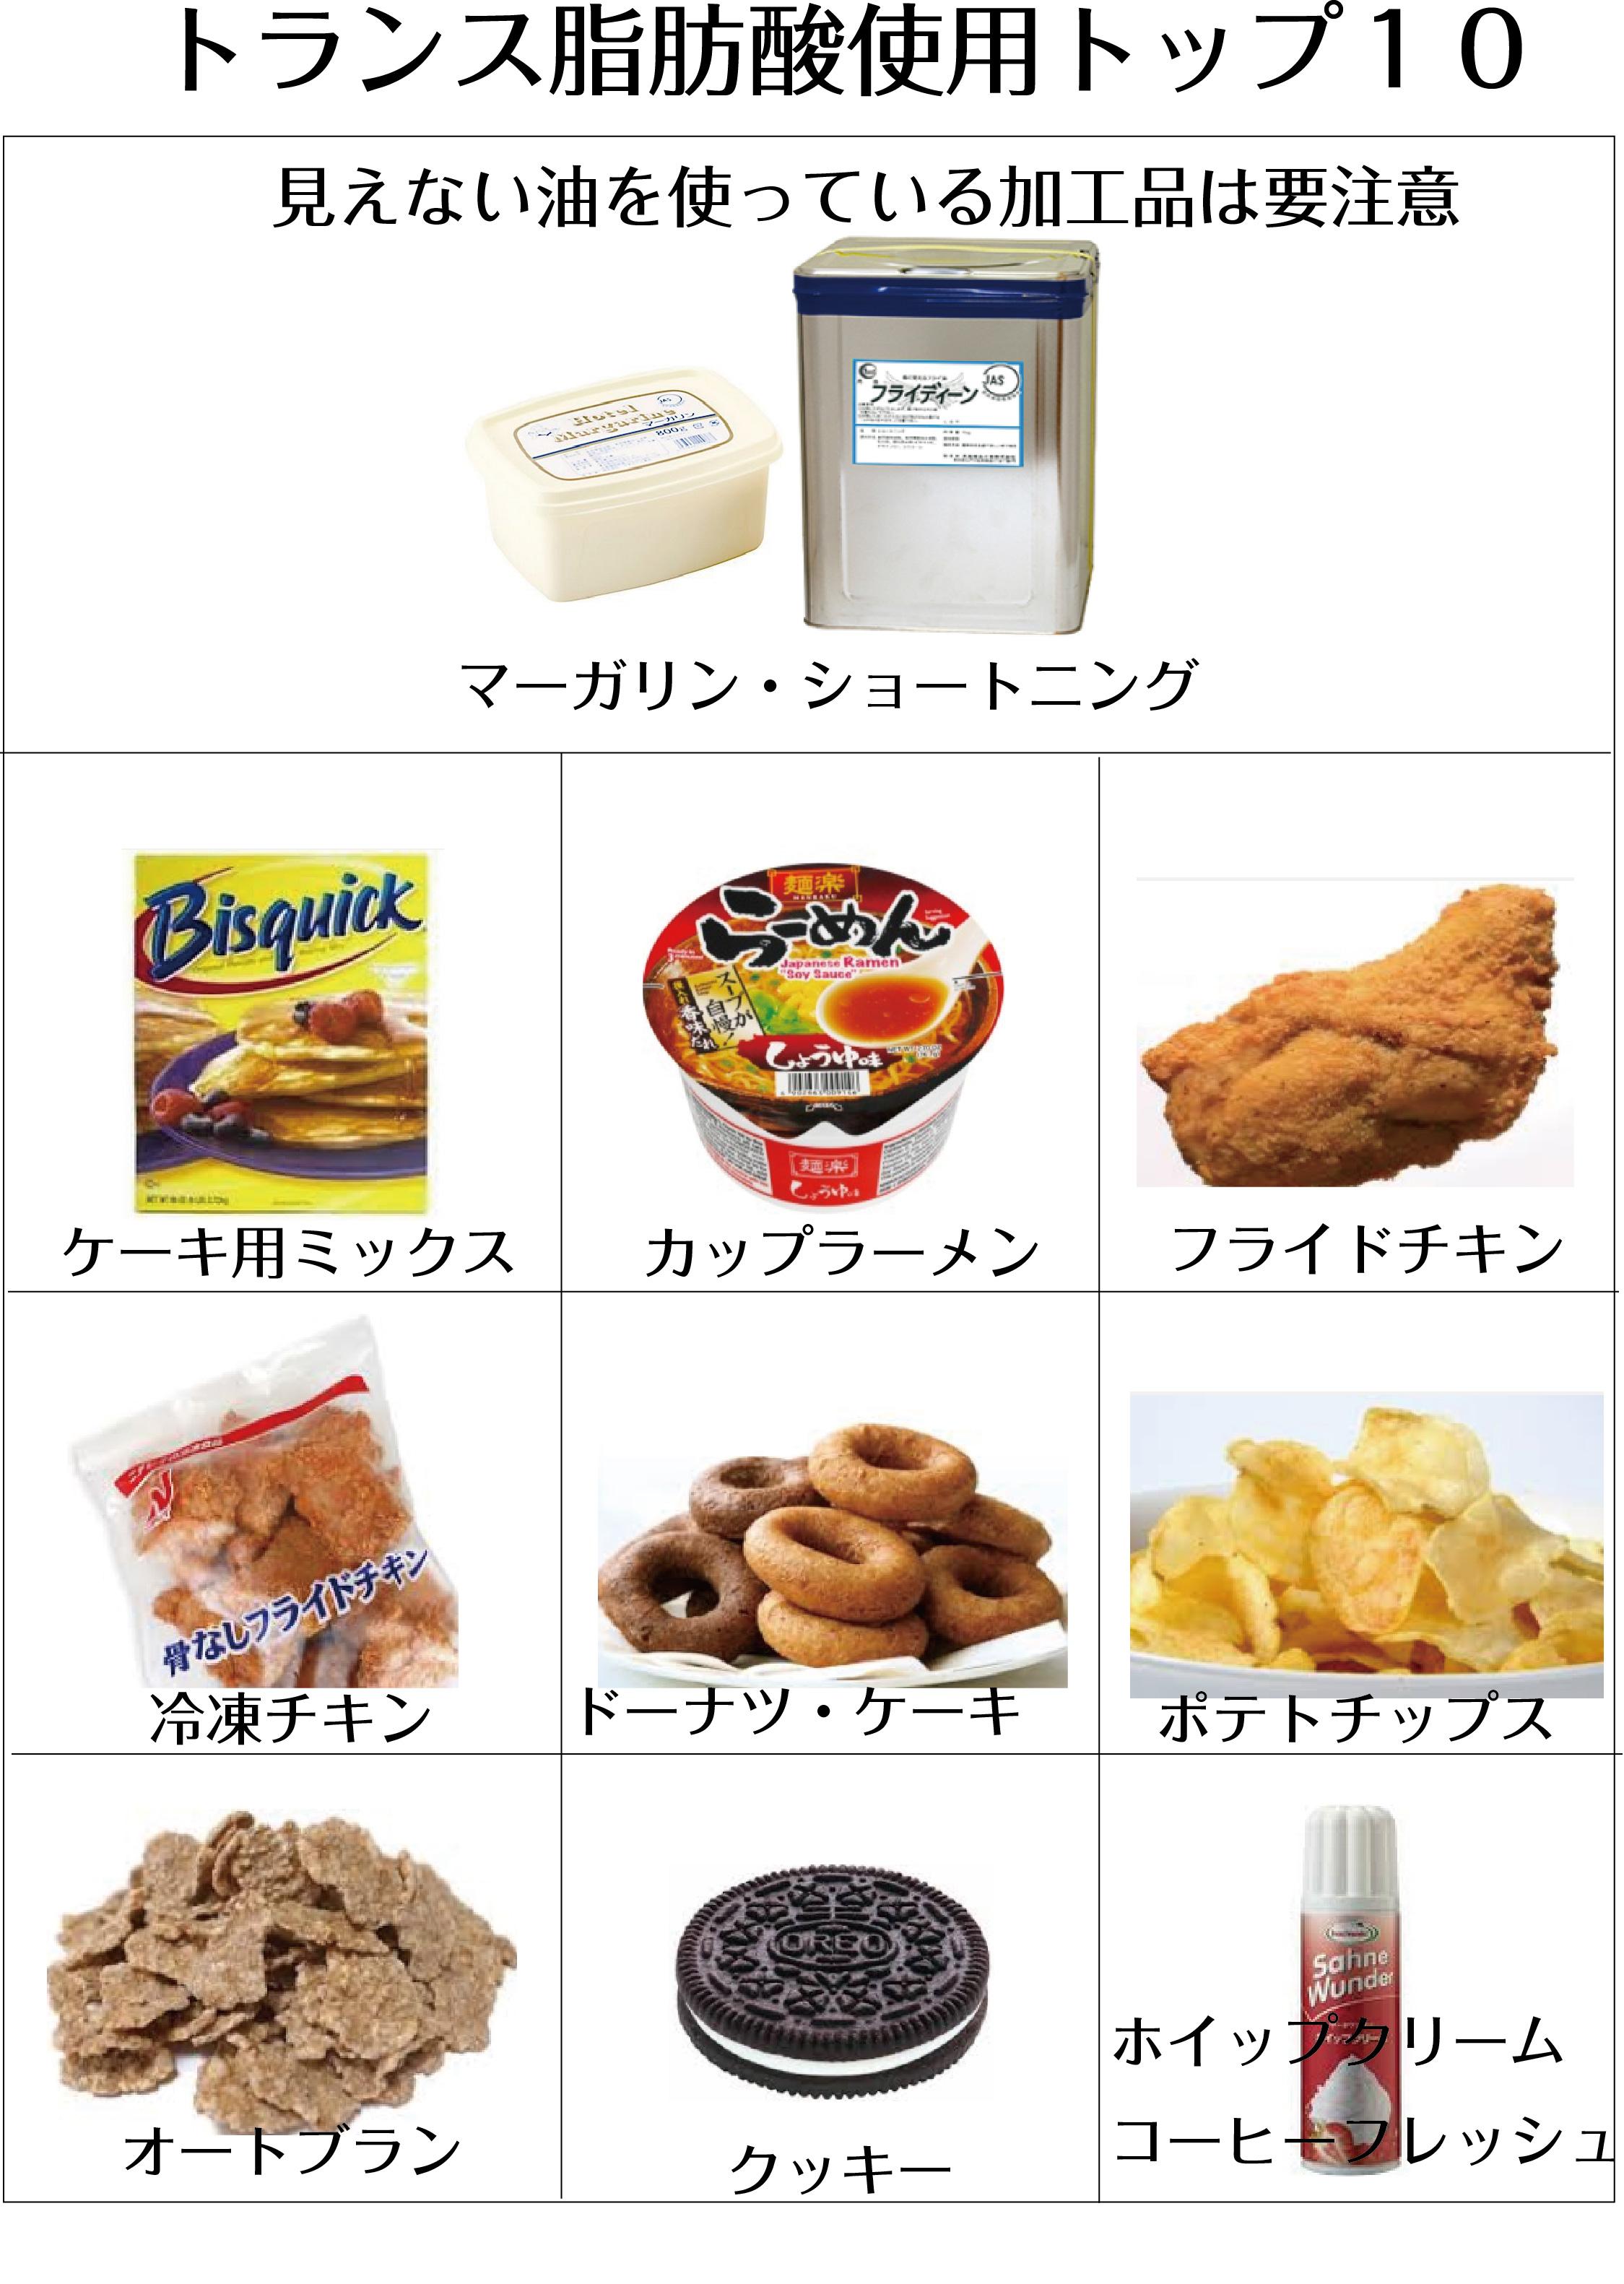 トランス脂肪酸10